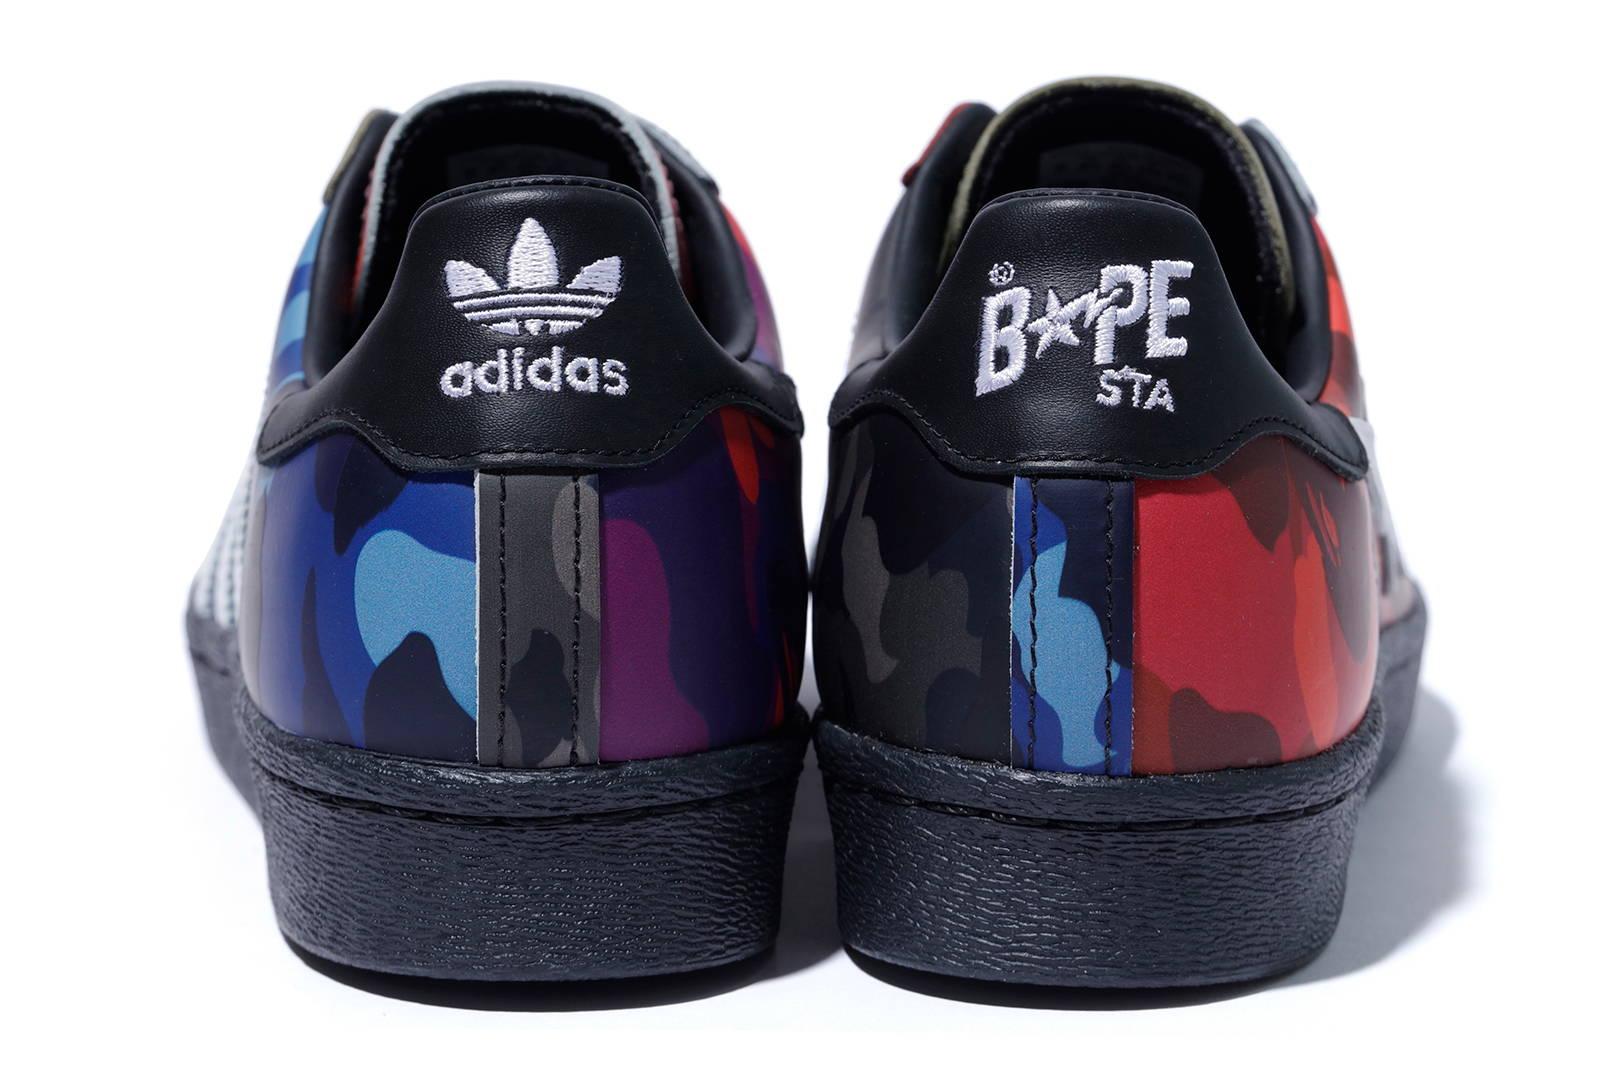 Bape x Adidas Originals Superstar 'Color Camo' Heel